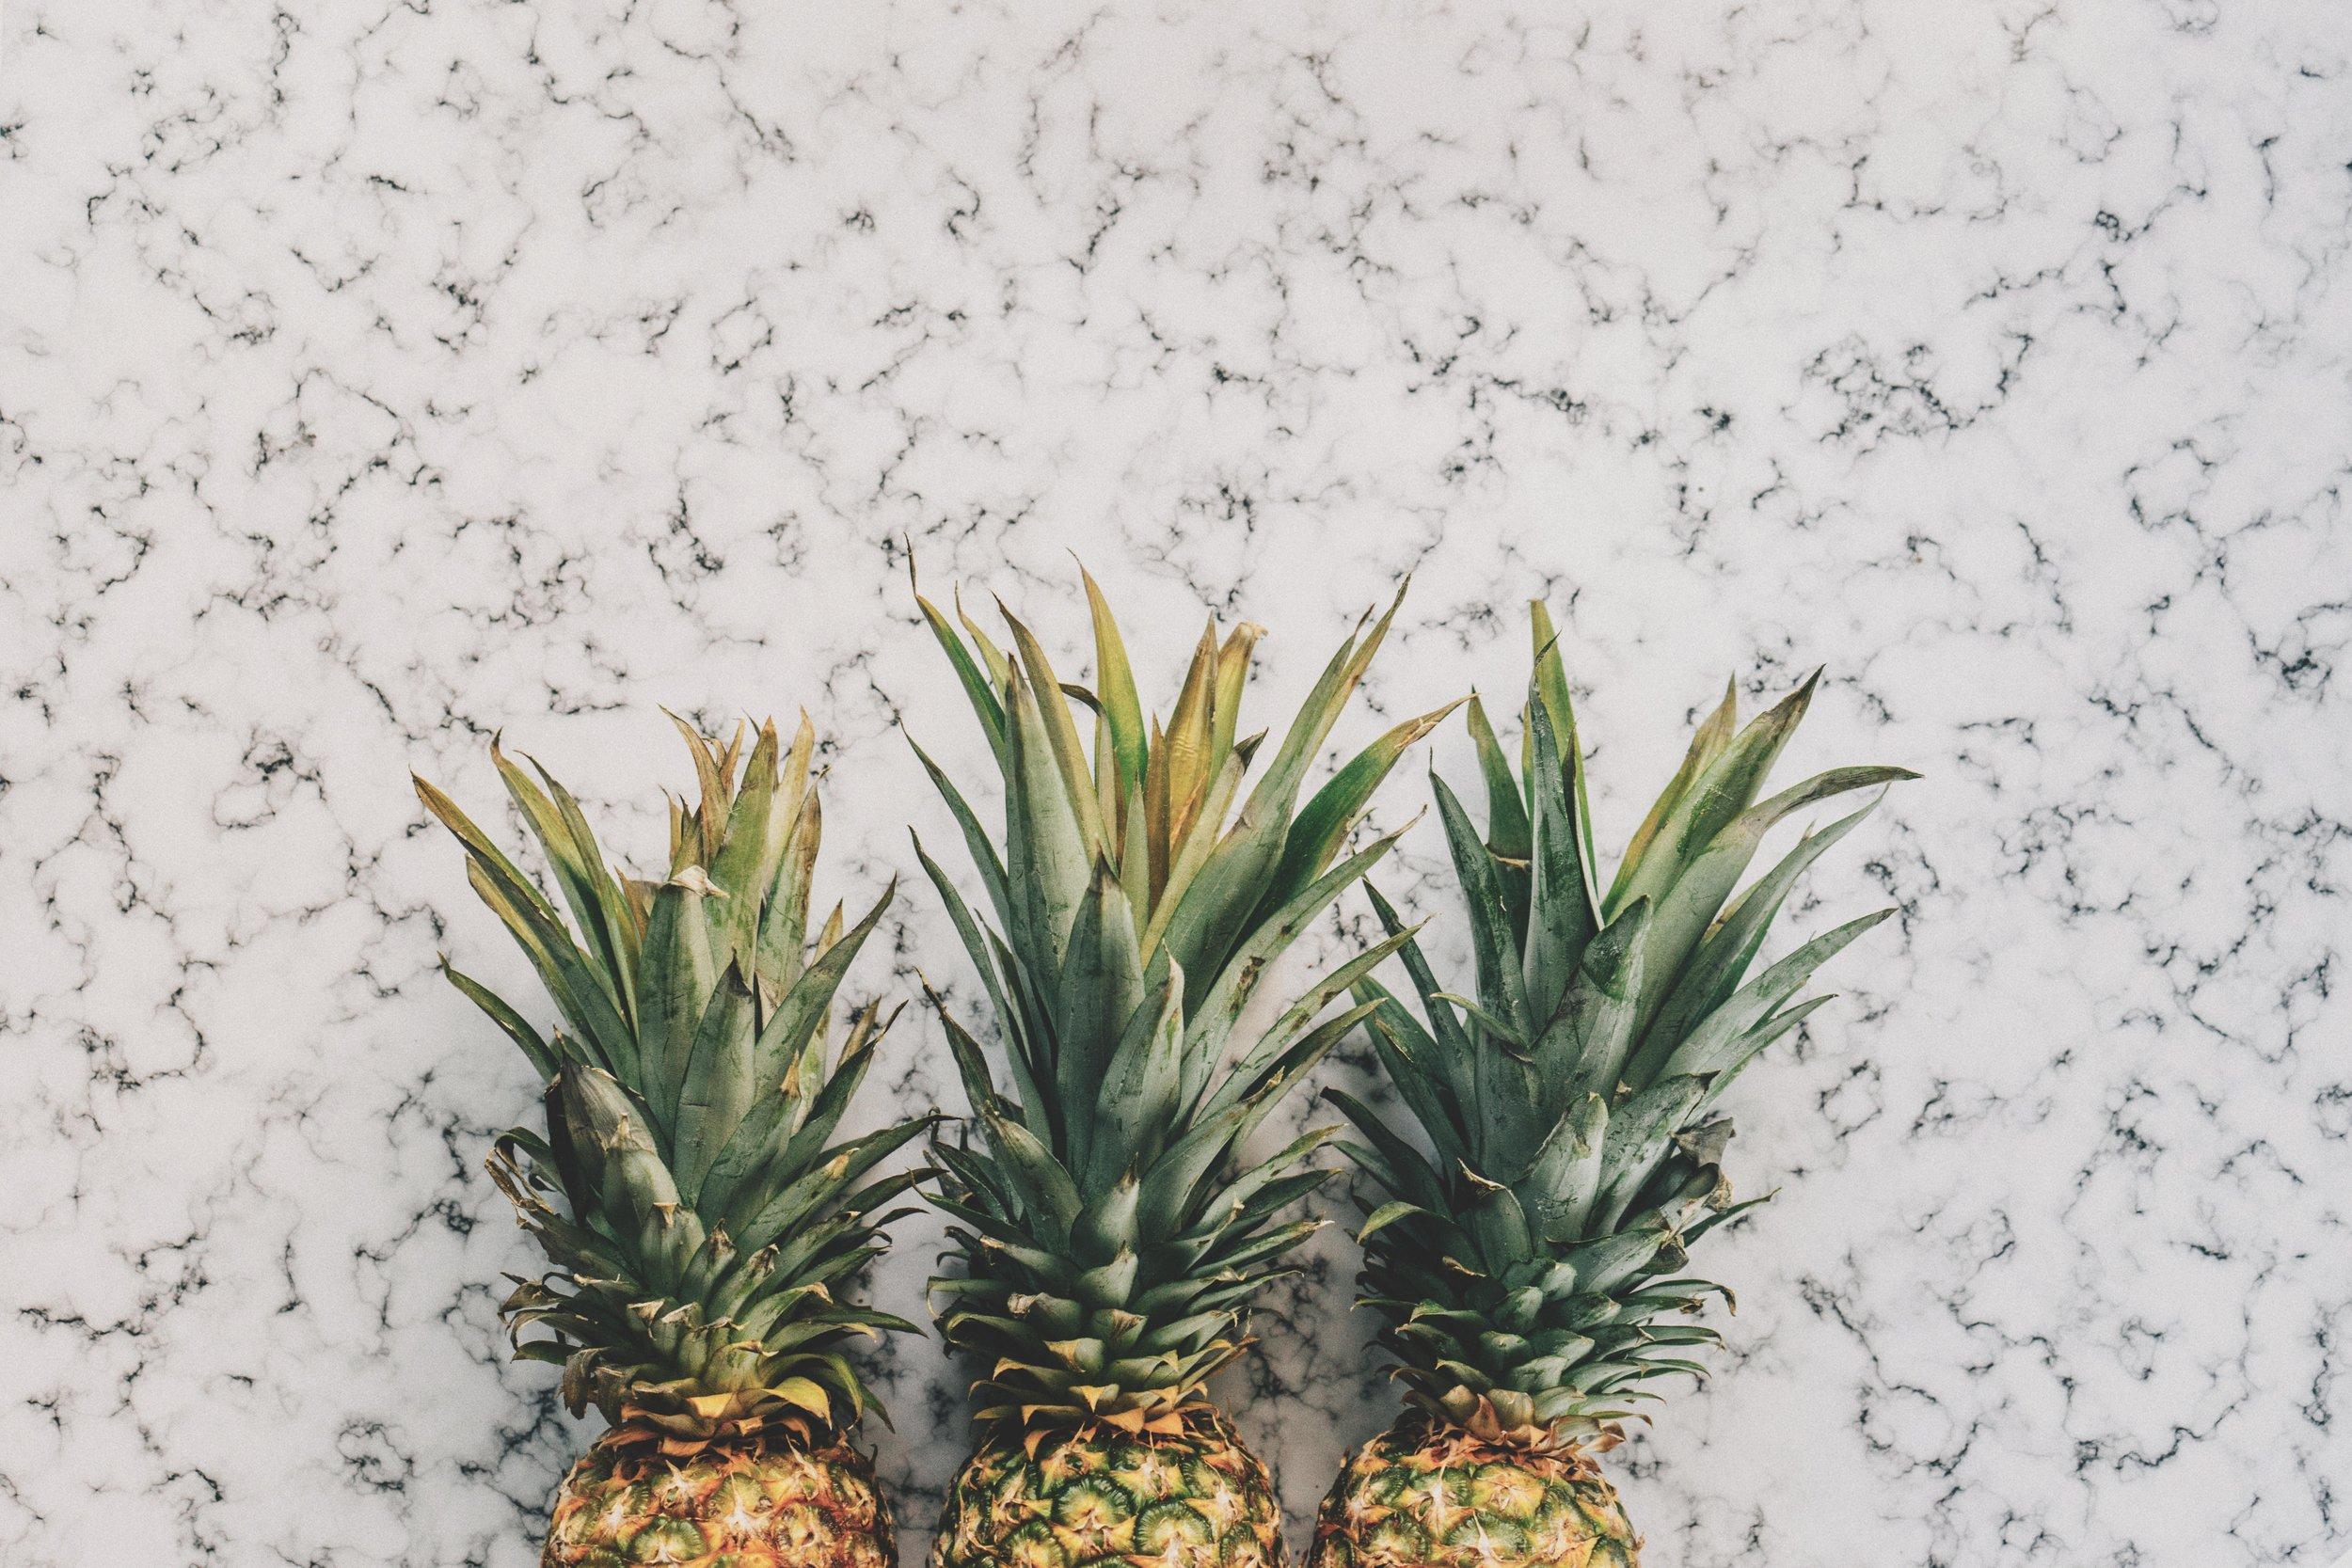 Photo via  Pineapple Supply Co. on  Unsplash